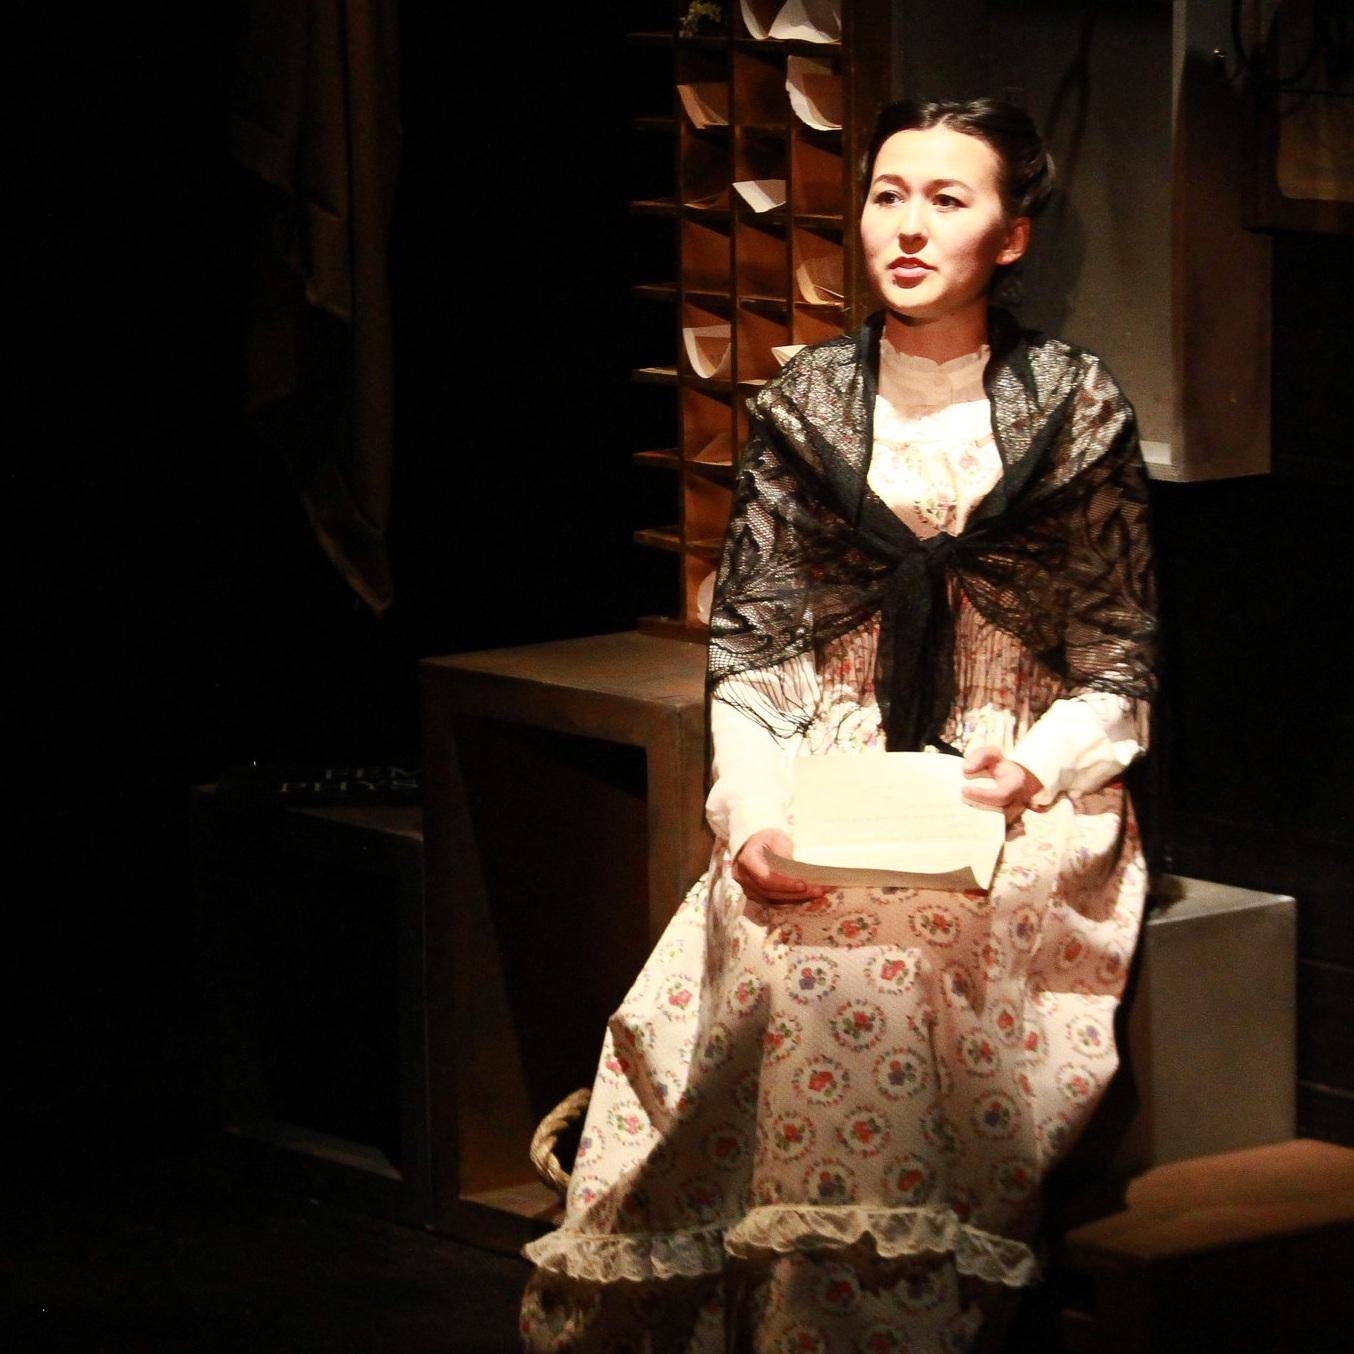 Emily Gardner Xu Hall as Caroline Lohman in  Wickedest Woman